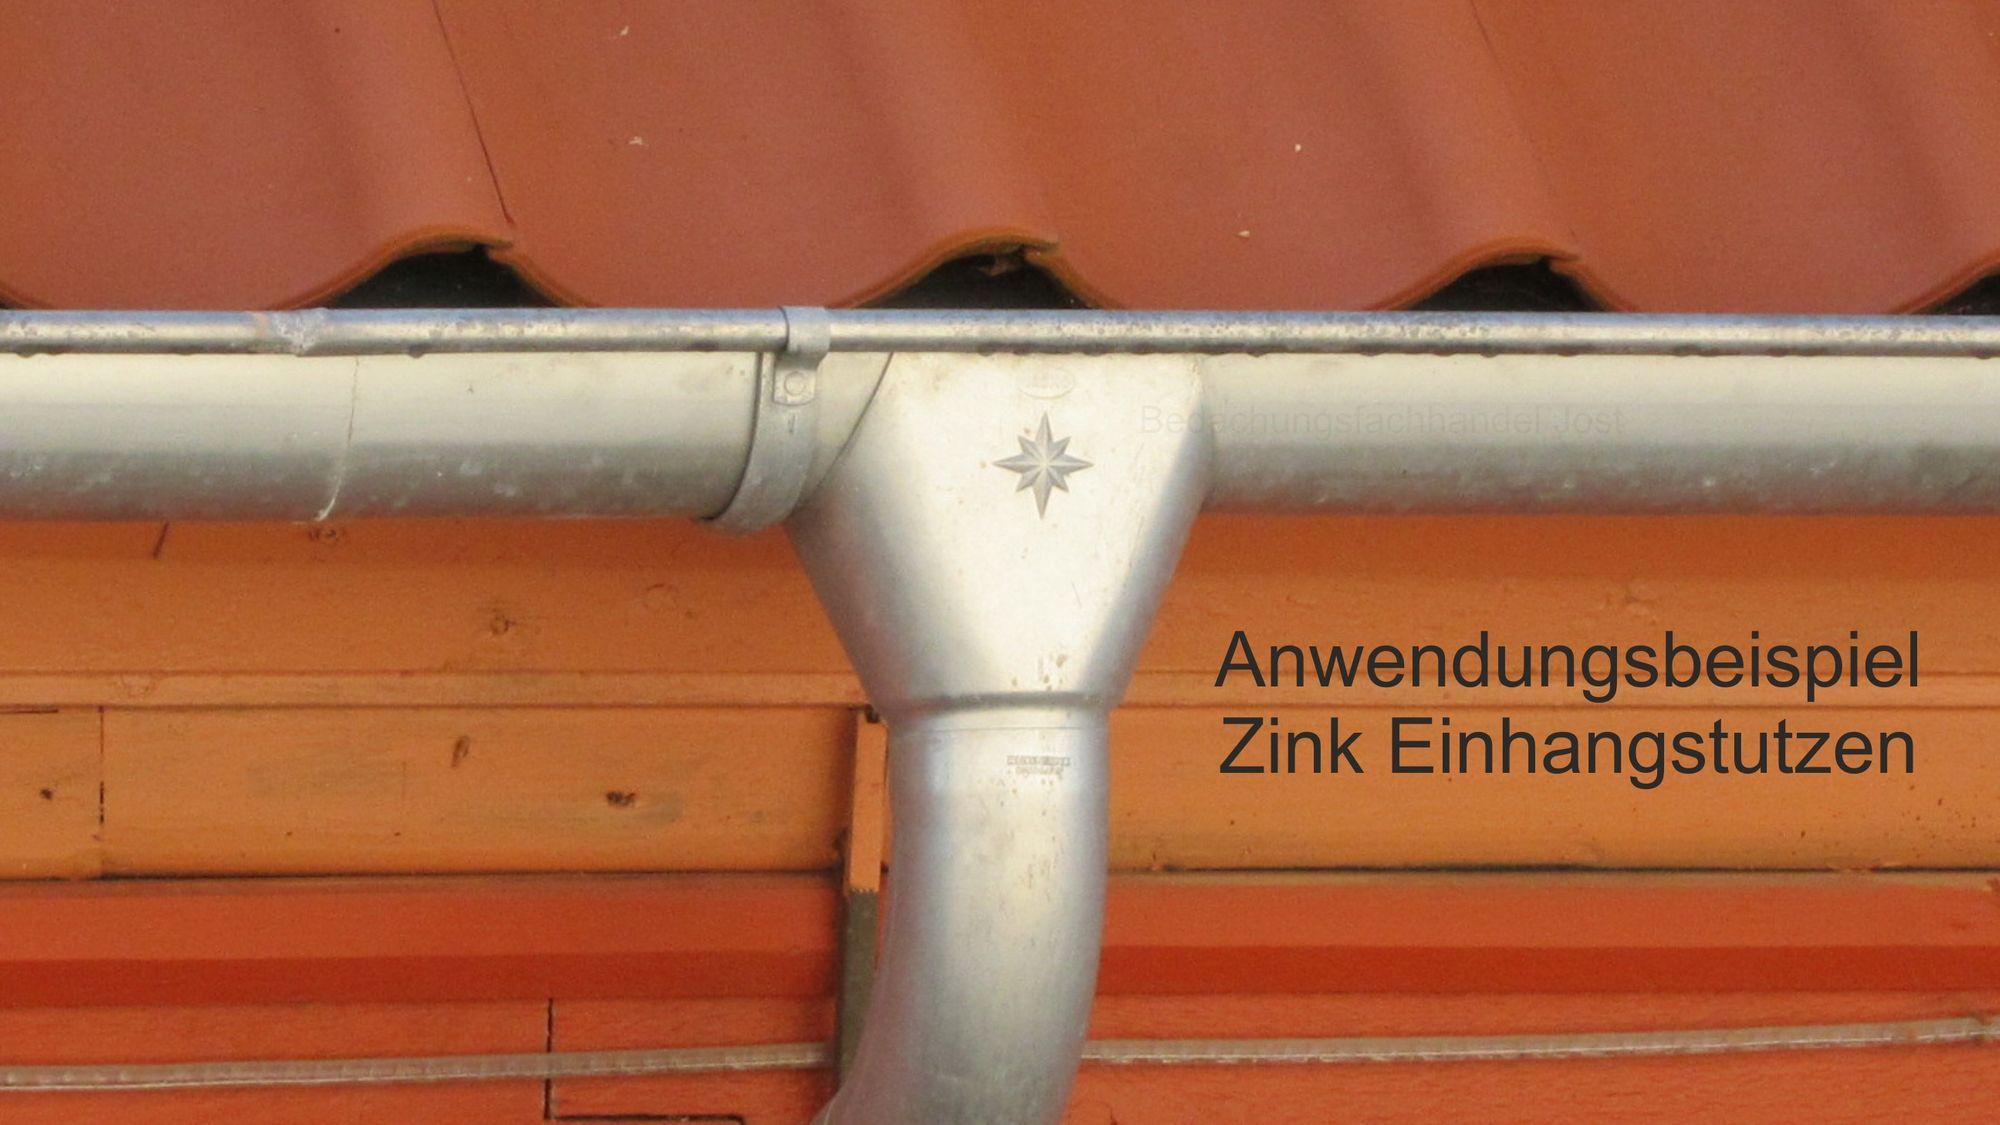 6 tlg Nenngr/ö/ße 333 mm mit 100 mm Rohrabgang Rinneneinhangstutzen Einhangstutzenverzinkt von Roofart